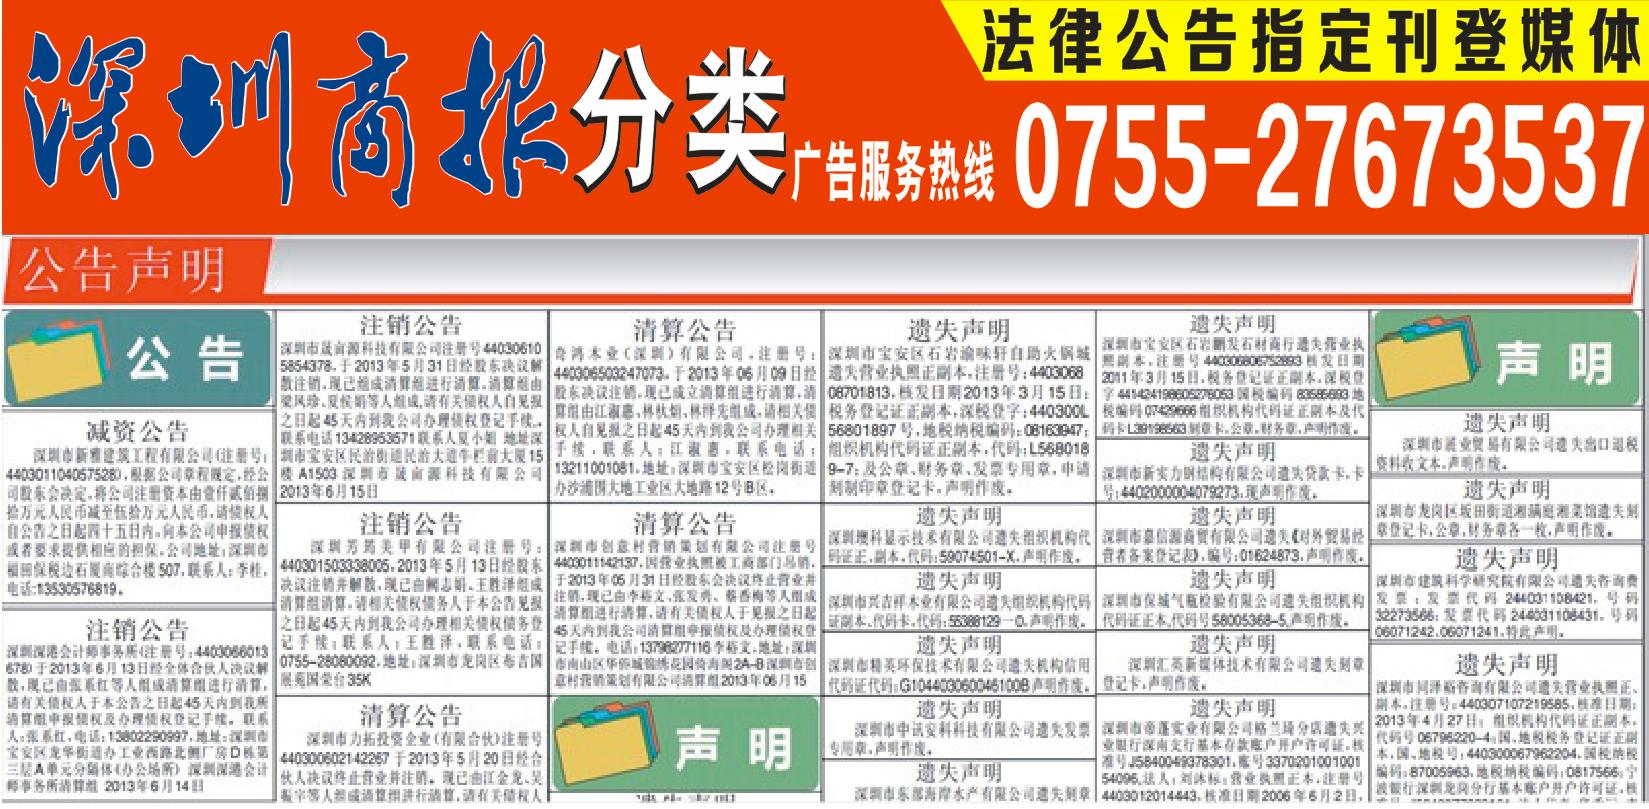 深圳商报登报遗失声明公告